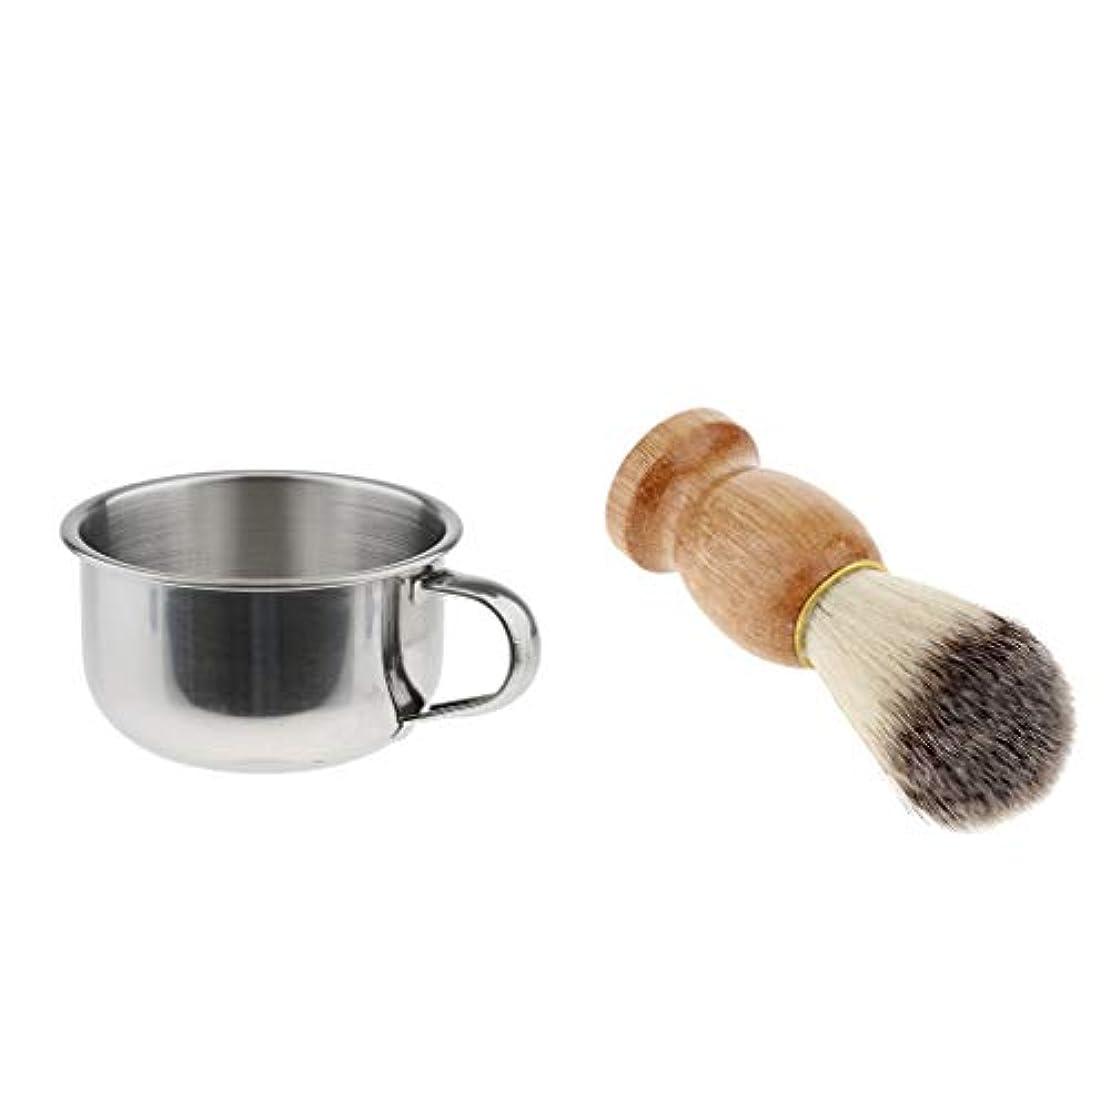 コーナーバイオレット若いシェービングブラシ 理容 洗顔 髭剃り メンズ 石鹸ボウル シェービングマグ 髭剃り